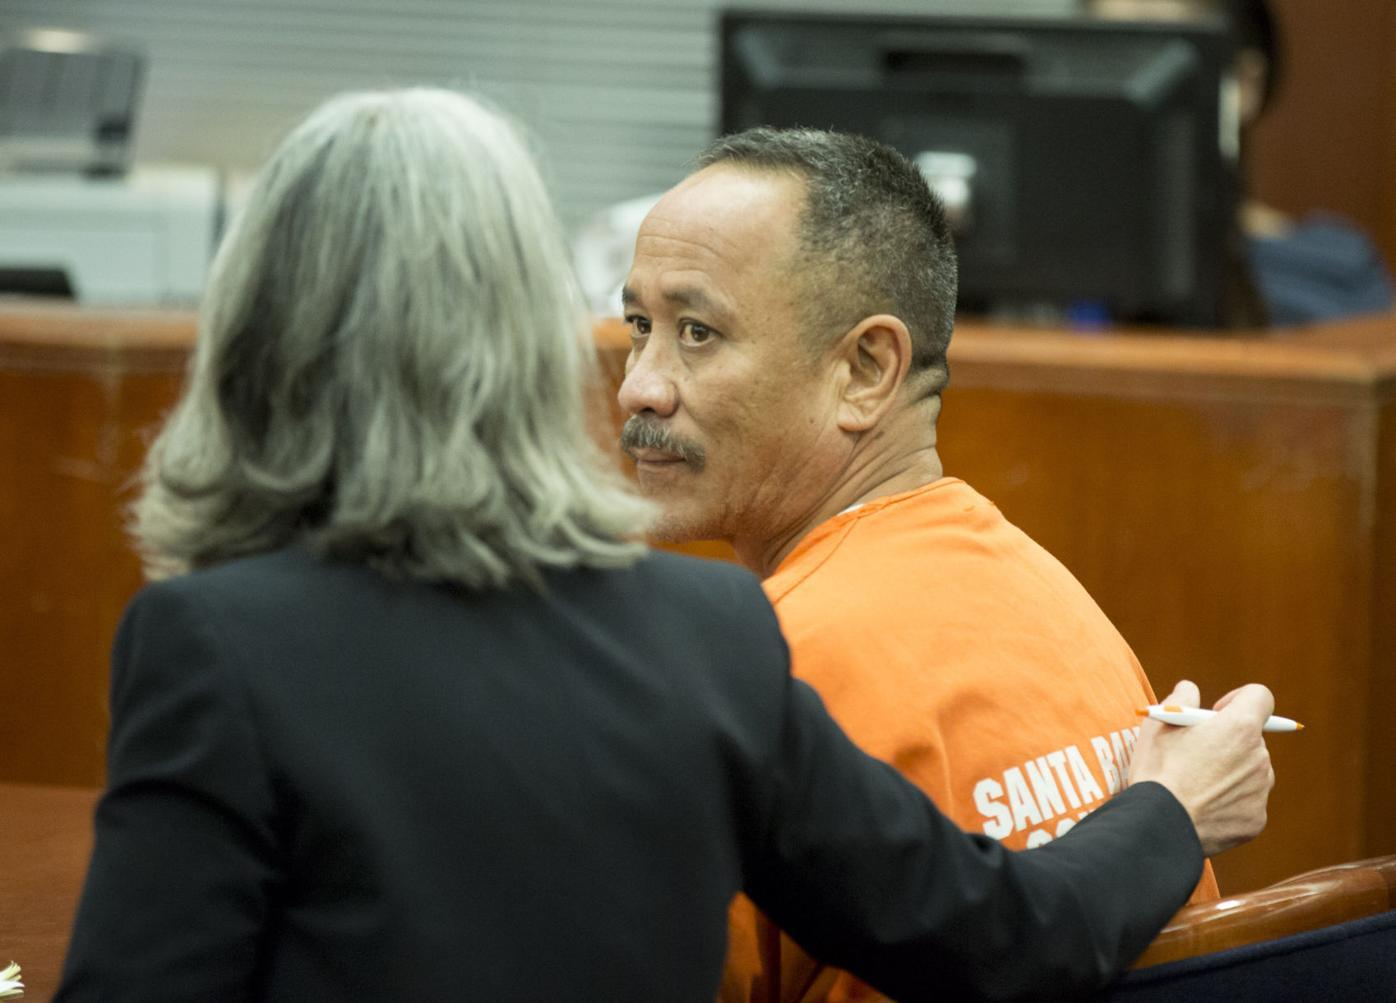 072716 Norbert Cruz Sentencing 02.jpg